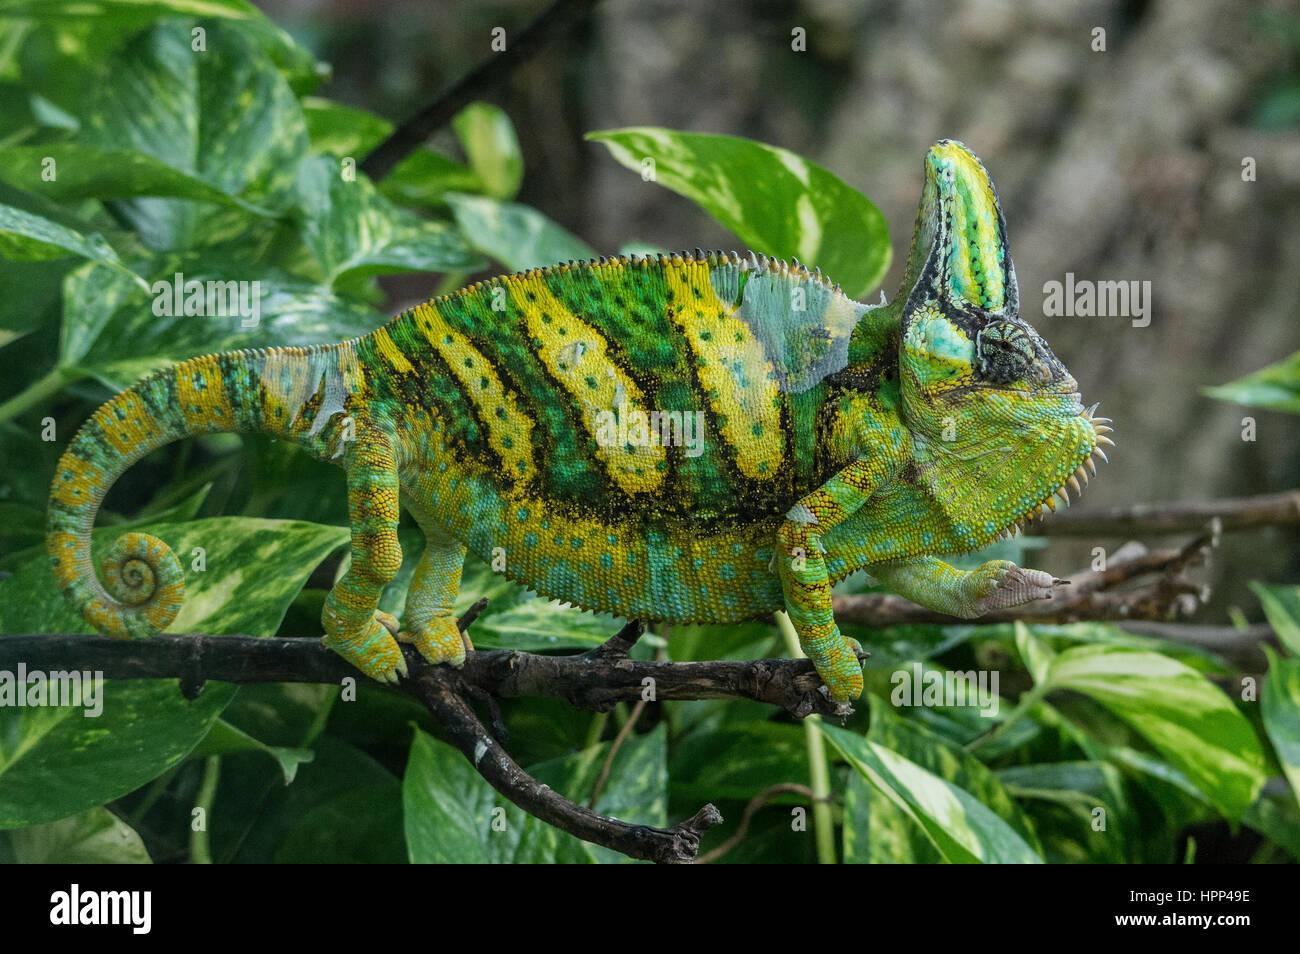 Big chameleon emerge dal verde delle foglie di un albero, l'immagine orizzontale Camaleonte Immagini Stock